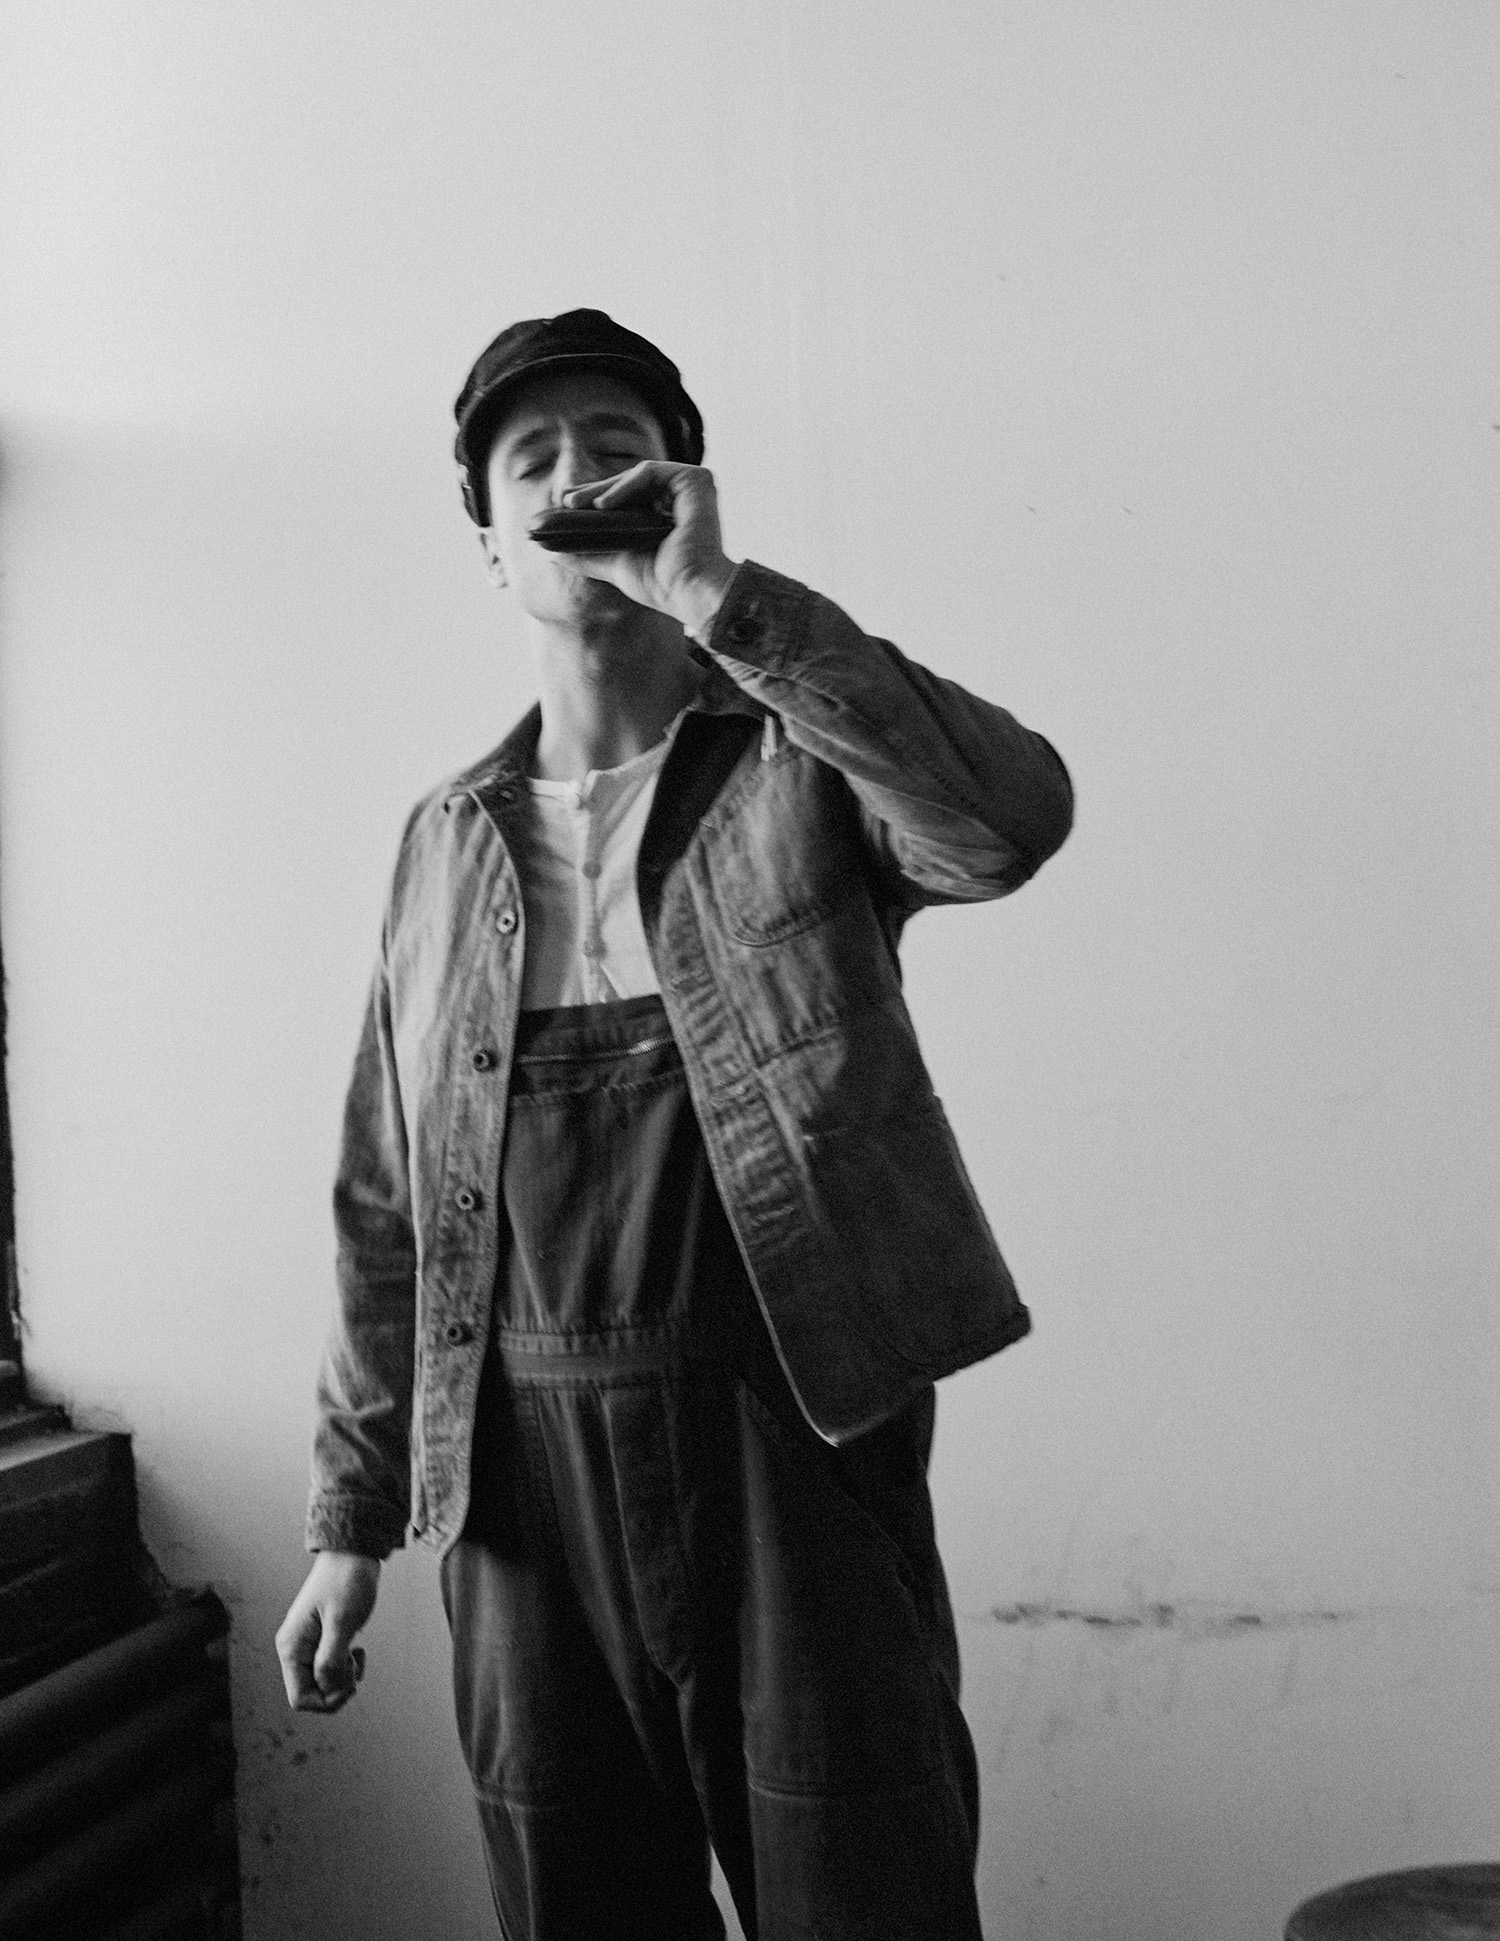 2015 KMFG x Man Ready Mercantile Chore Coat